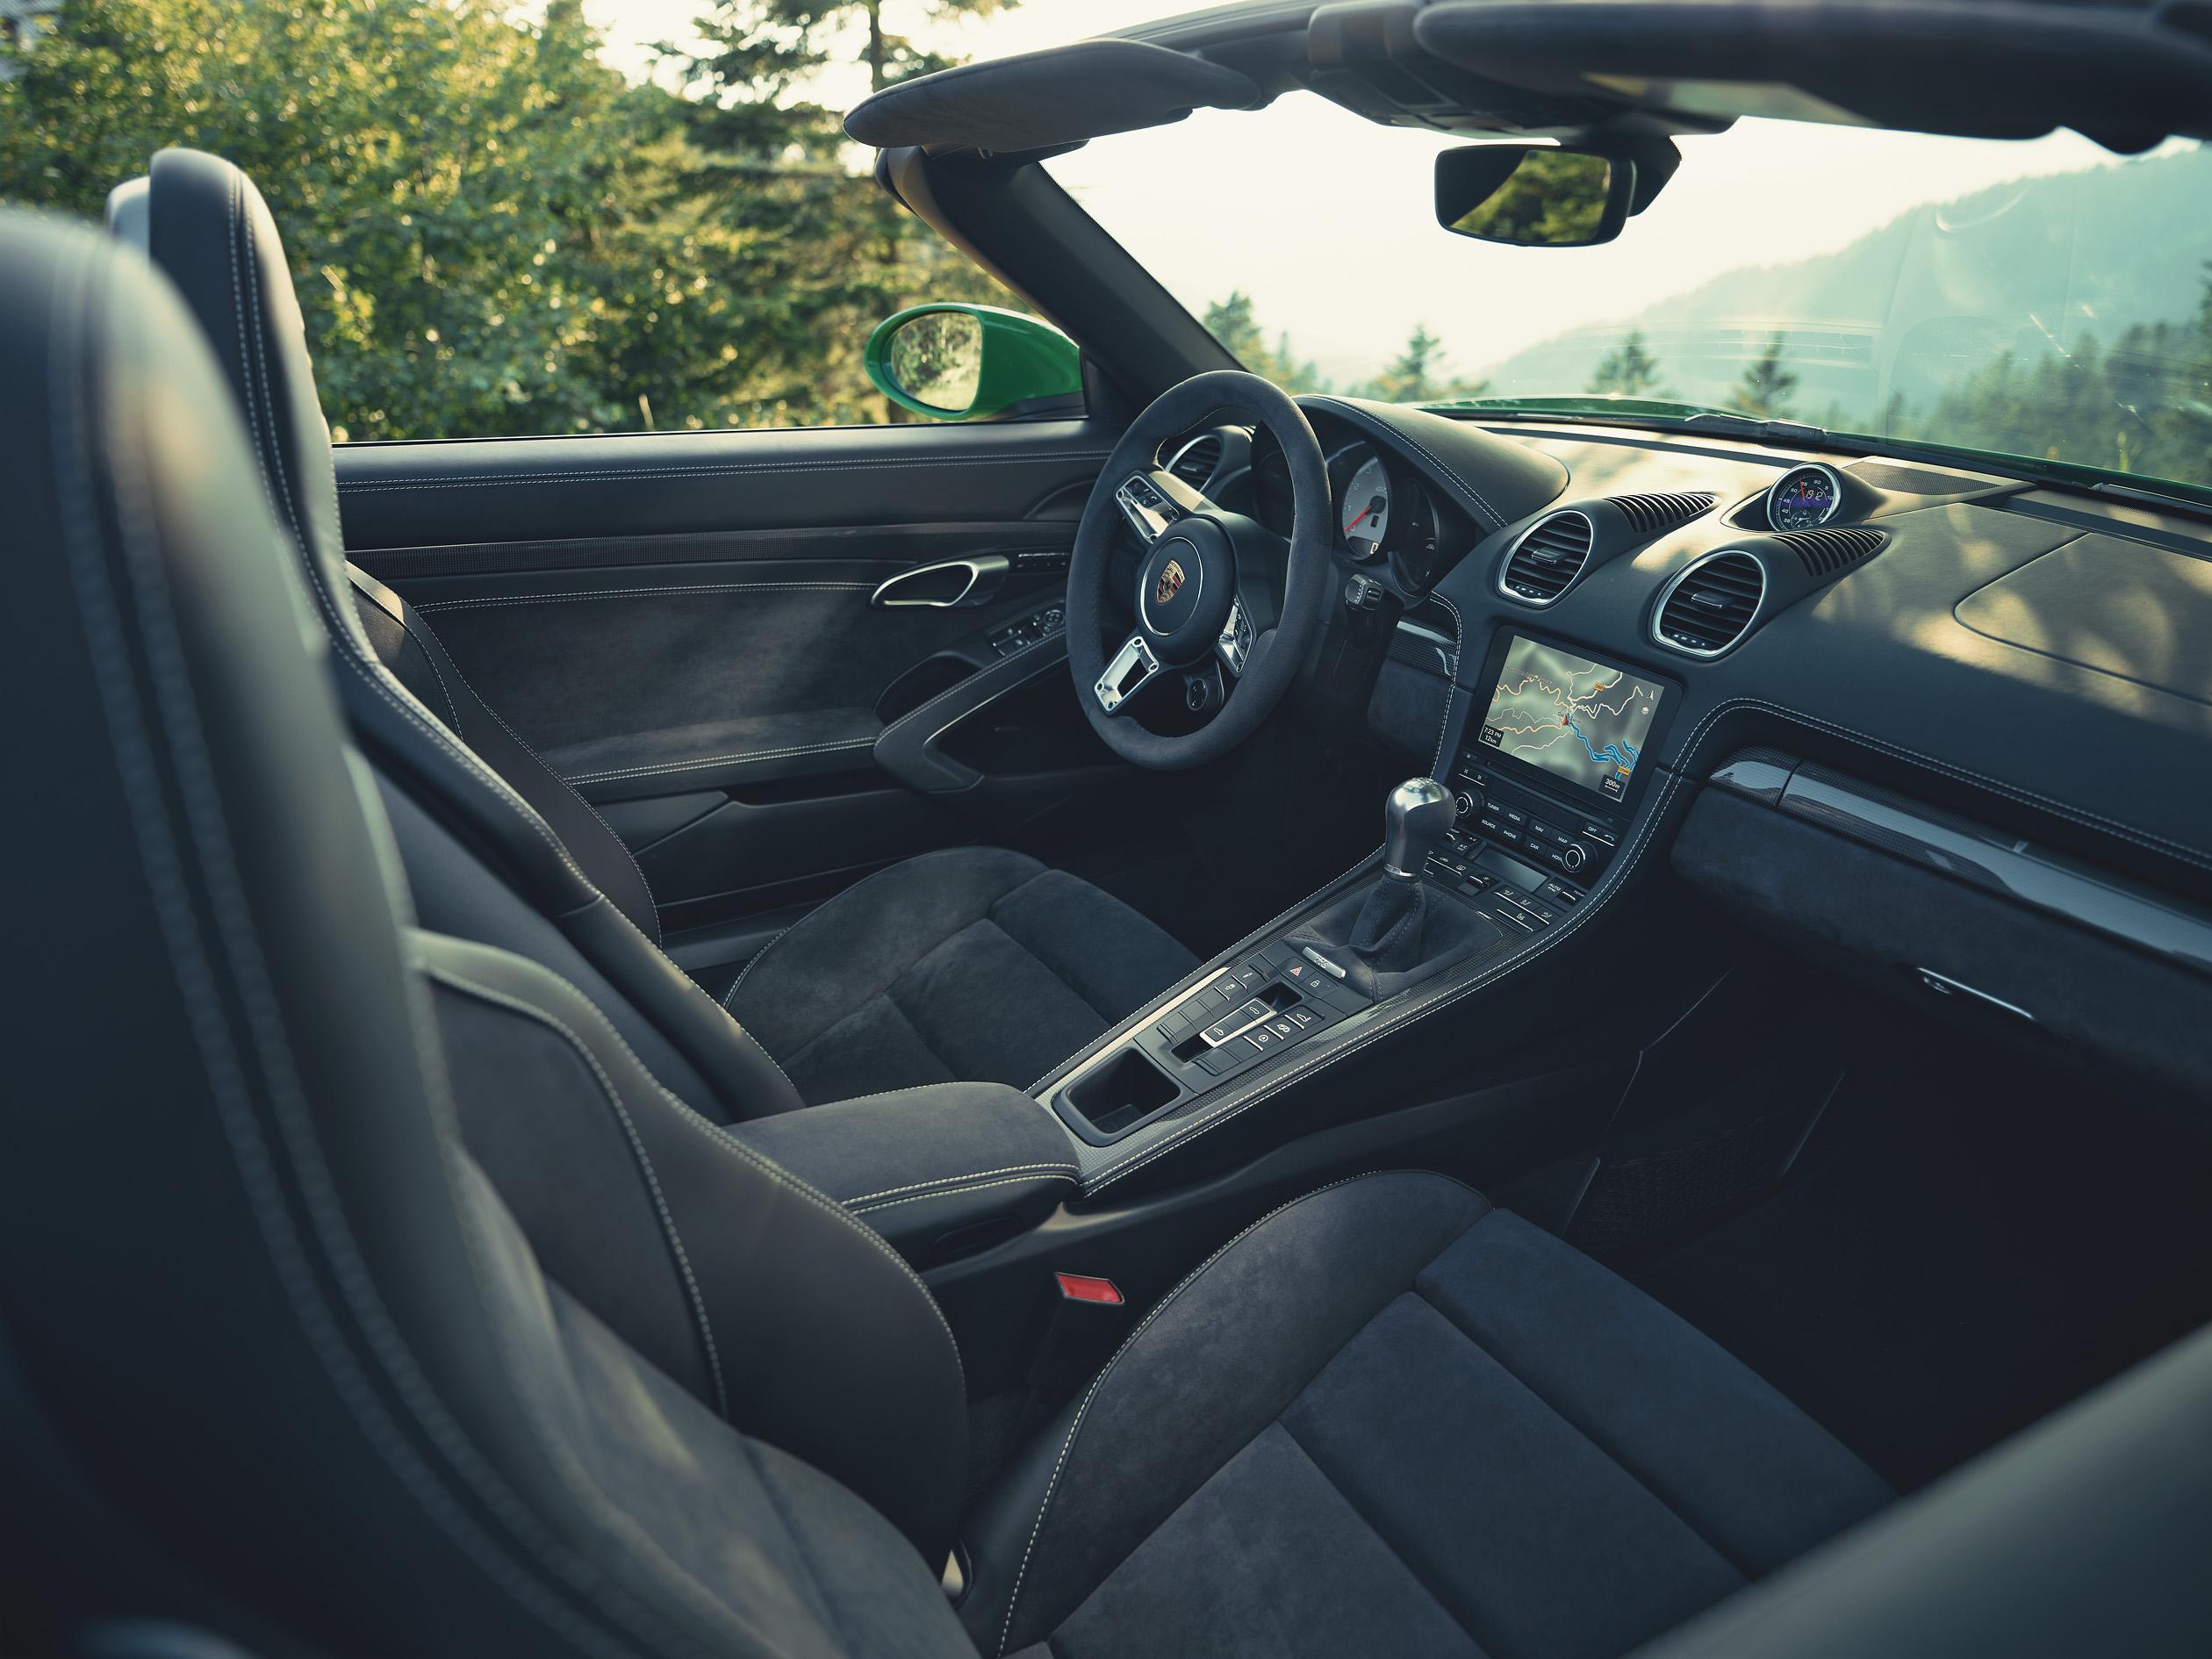 Он также довольно эффективен. В стандартной комплектации Porsche предлагает адаптивное управление цилиндрами, которое отключает один из двух блоков цилиндров при низких нагрузках, прямой впрыск топлива с помощью пьезо-инжекторов и систему переменного